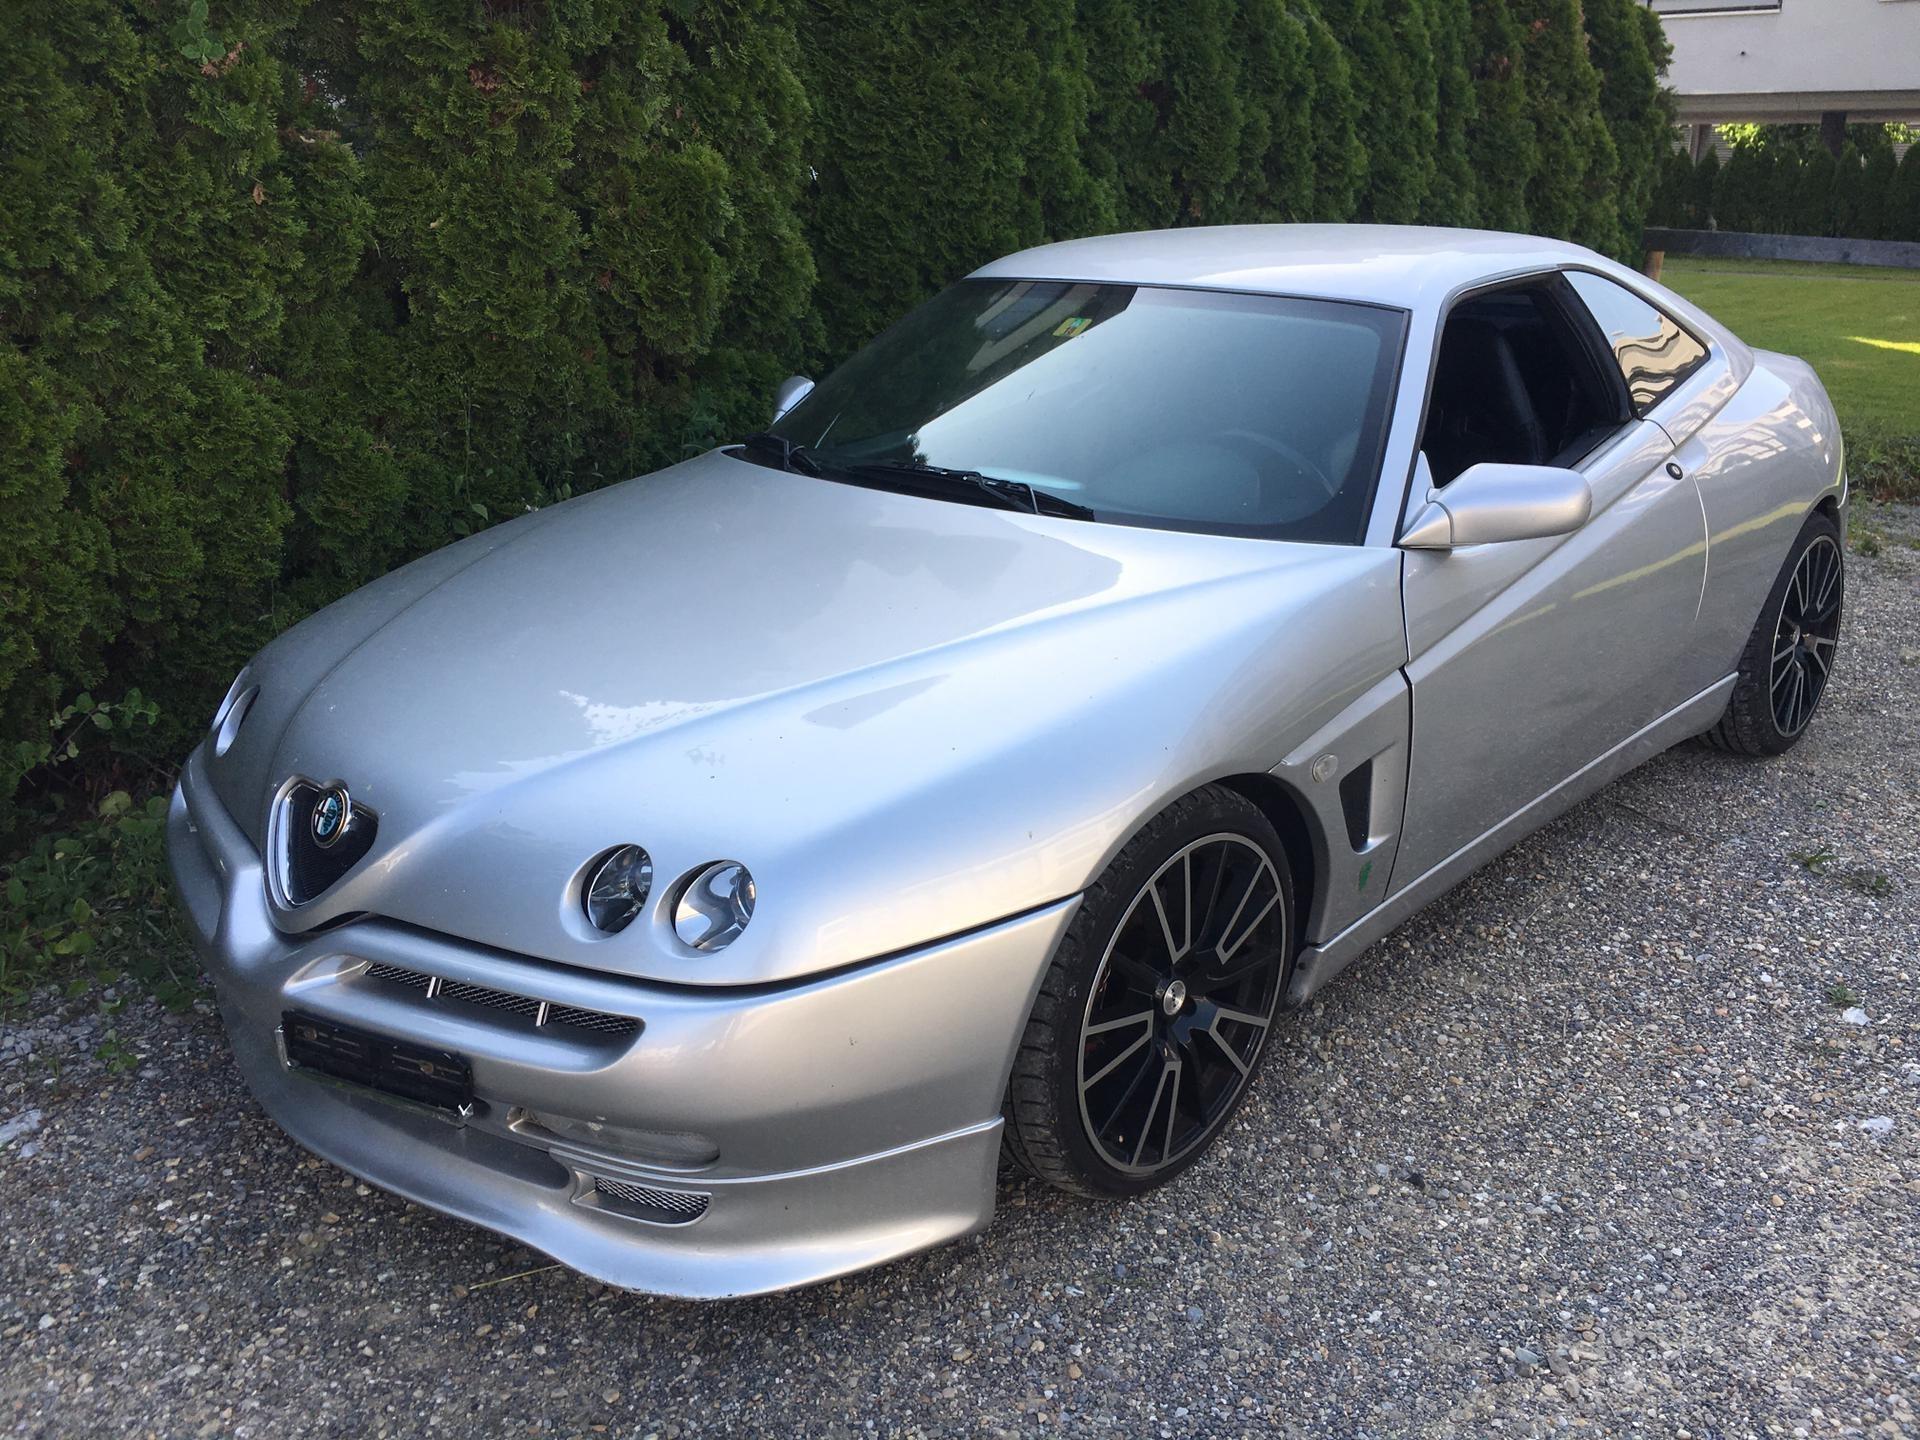 Buy Coupe Alfa Romeo Gtv Alfa Gtv V6 Turbo 300000 Km At 4000 Chf On Carforyou Ch